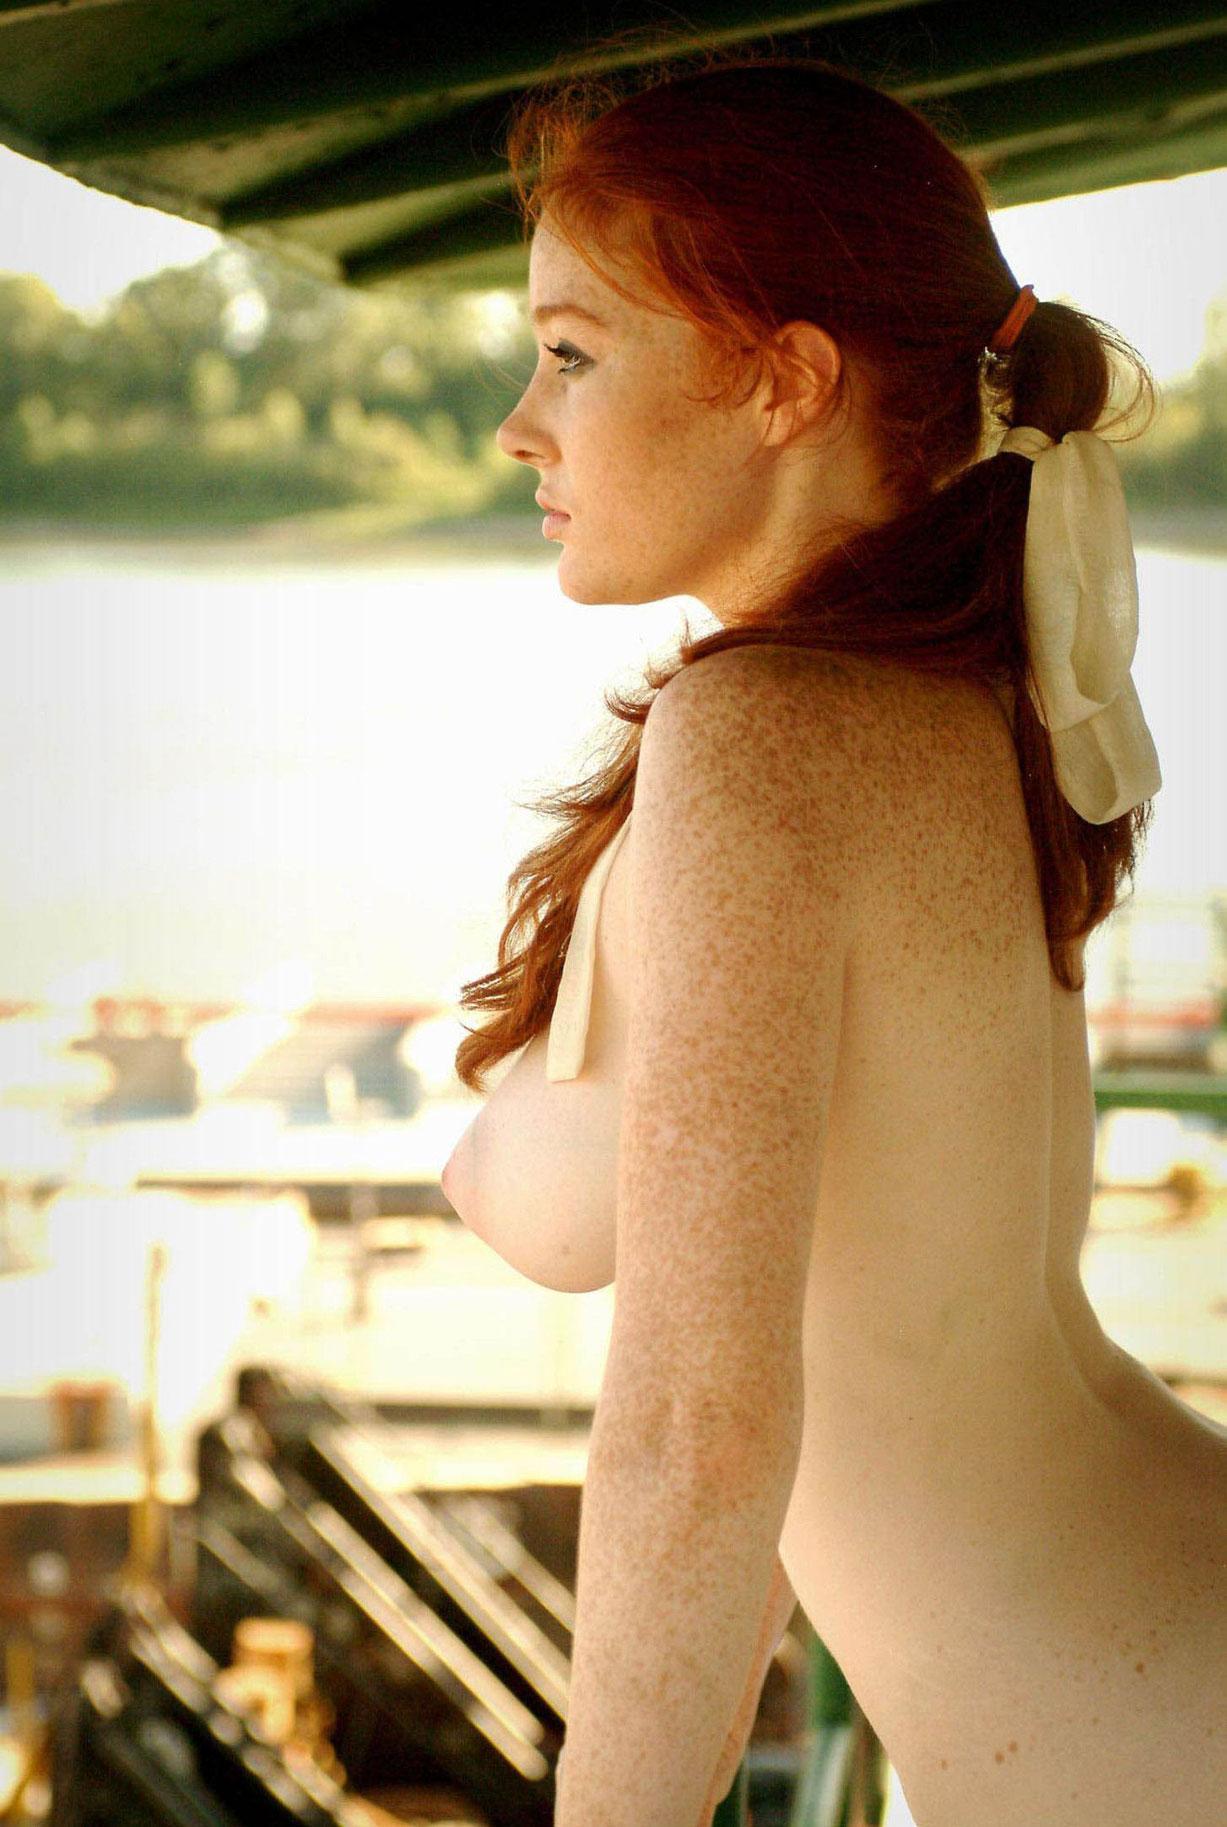 подборка фотографий сексуальных голых девушек - Dominique Sorribes